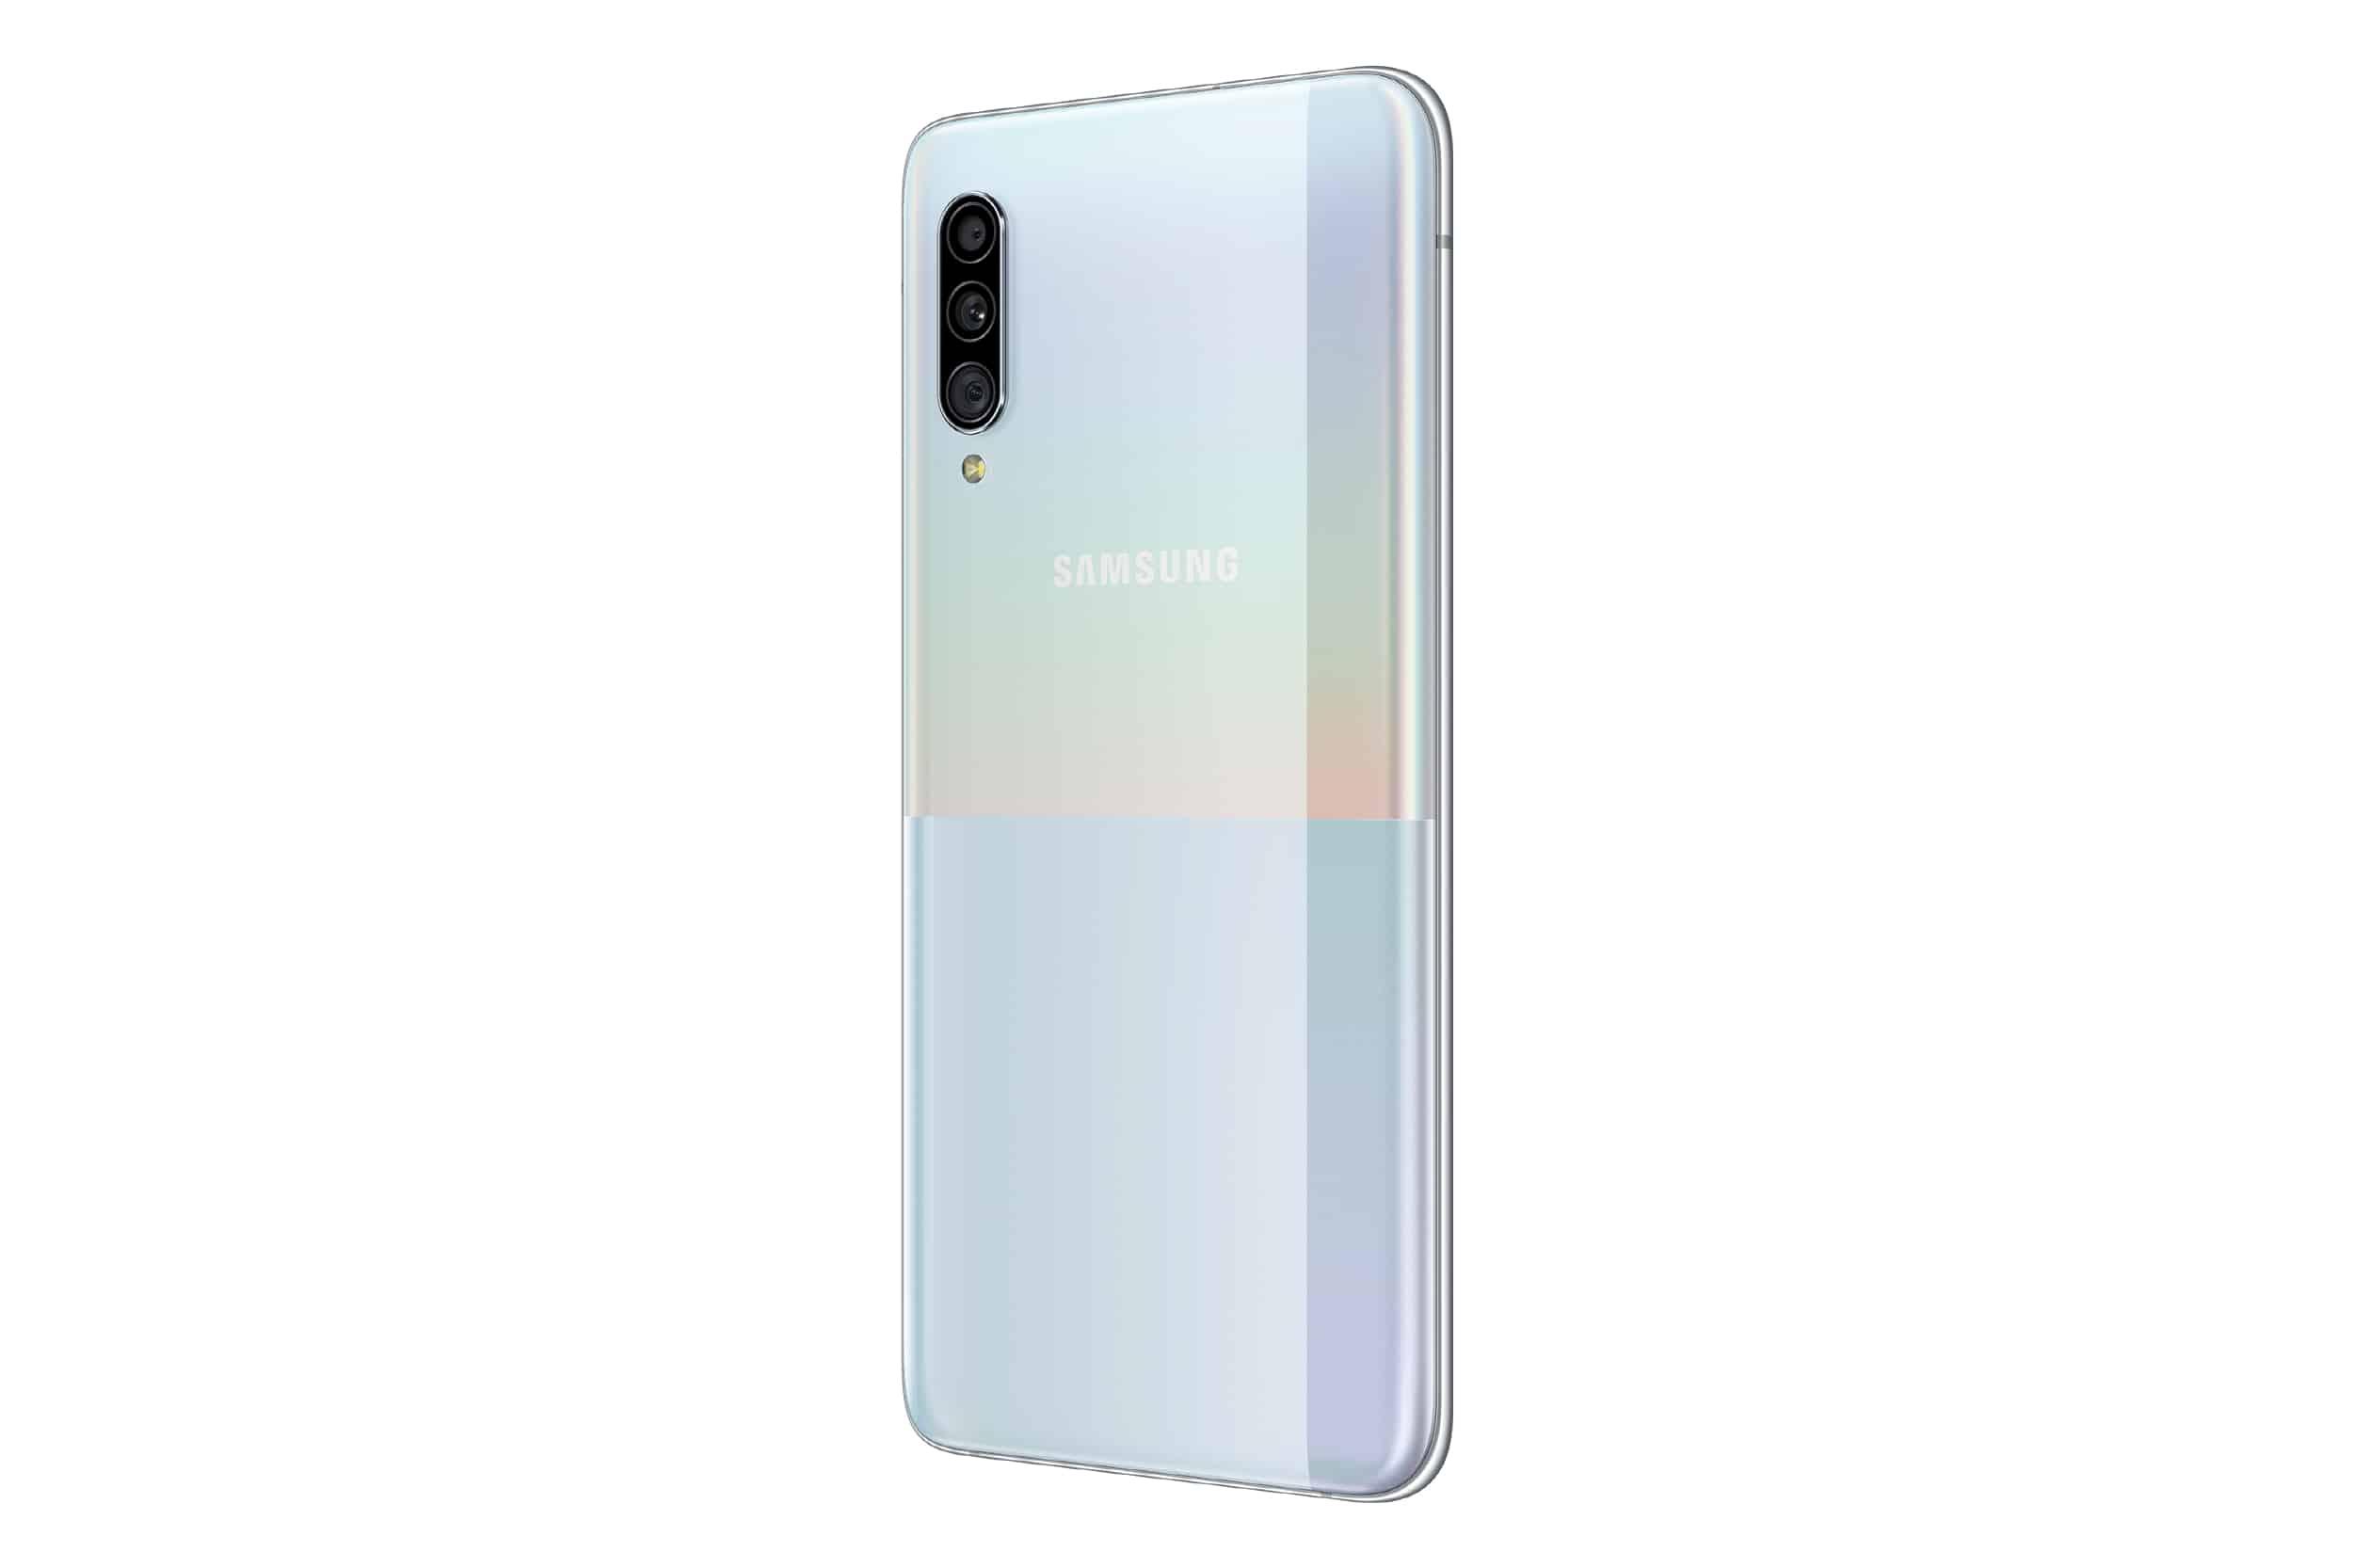 Samsung Galaxy A90 5G image 9